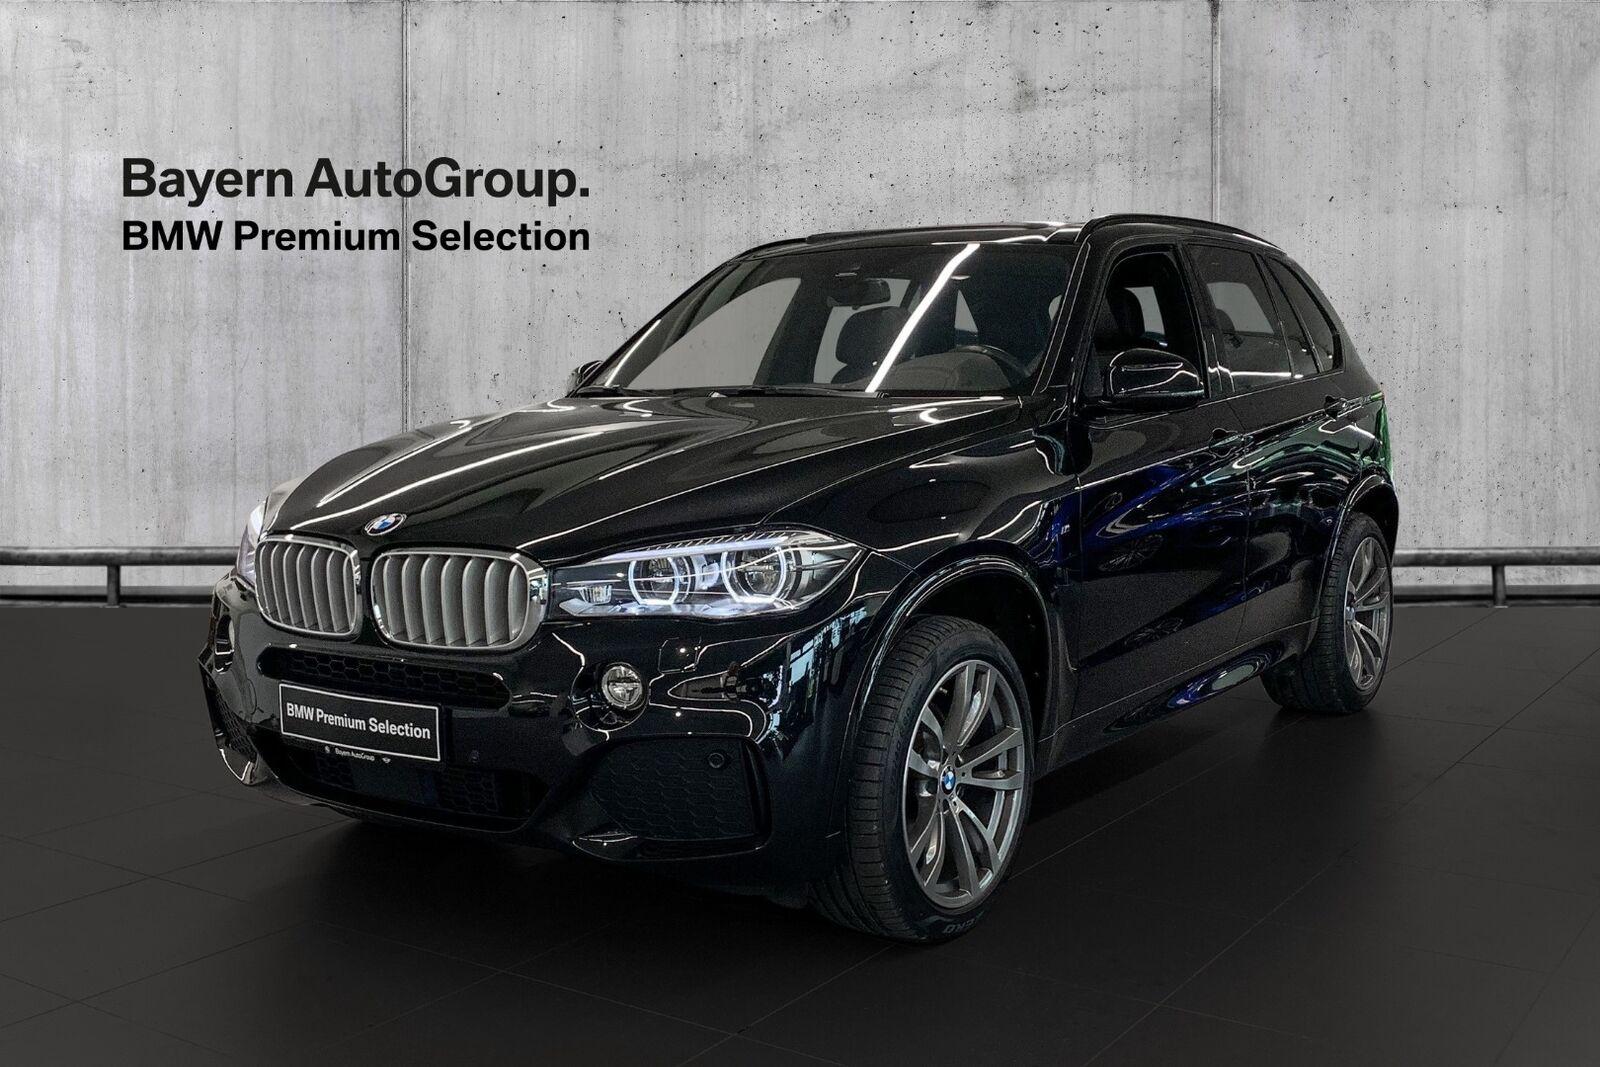 BMW X5 3,0 xDrive40d M-Sport aut. 5d - 929.900 kr.